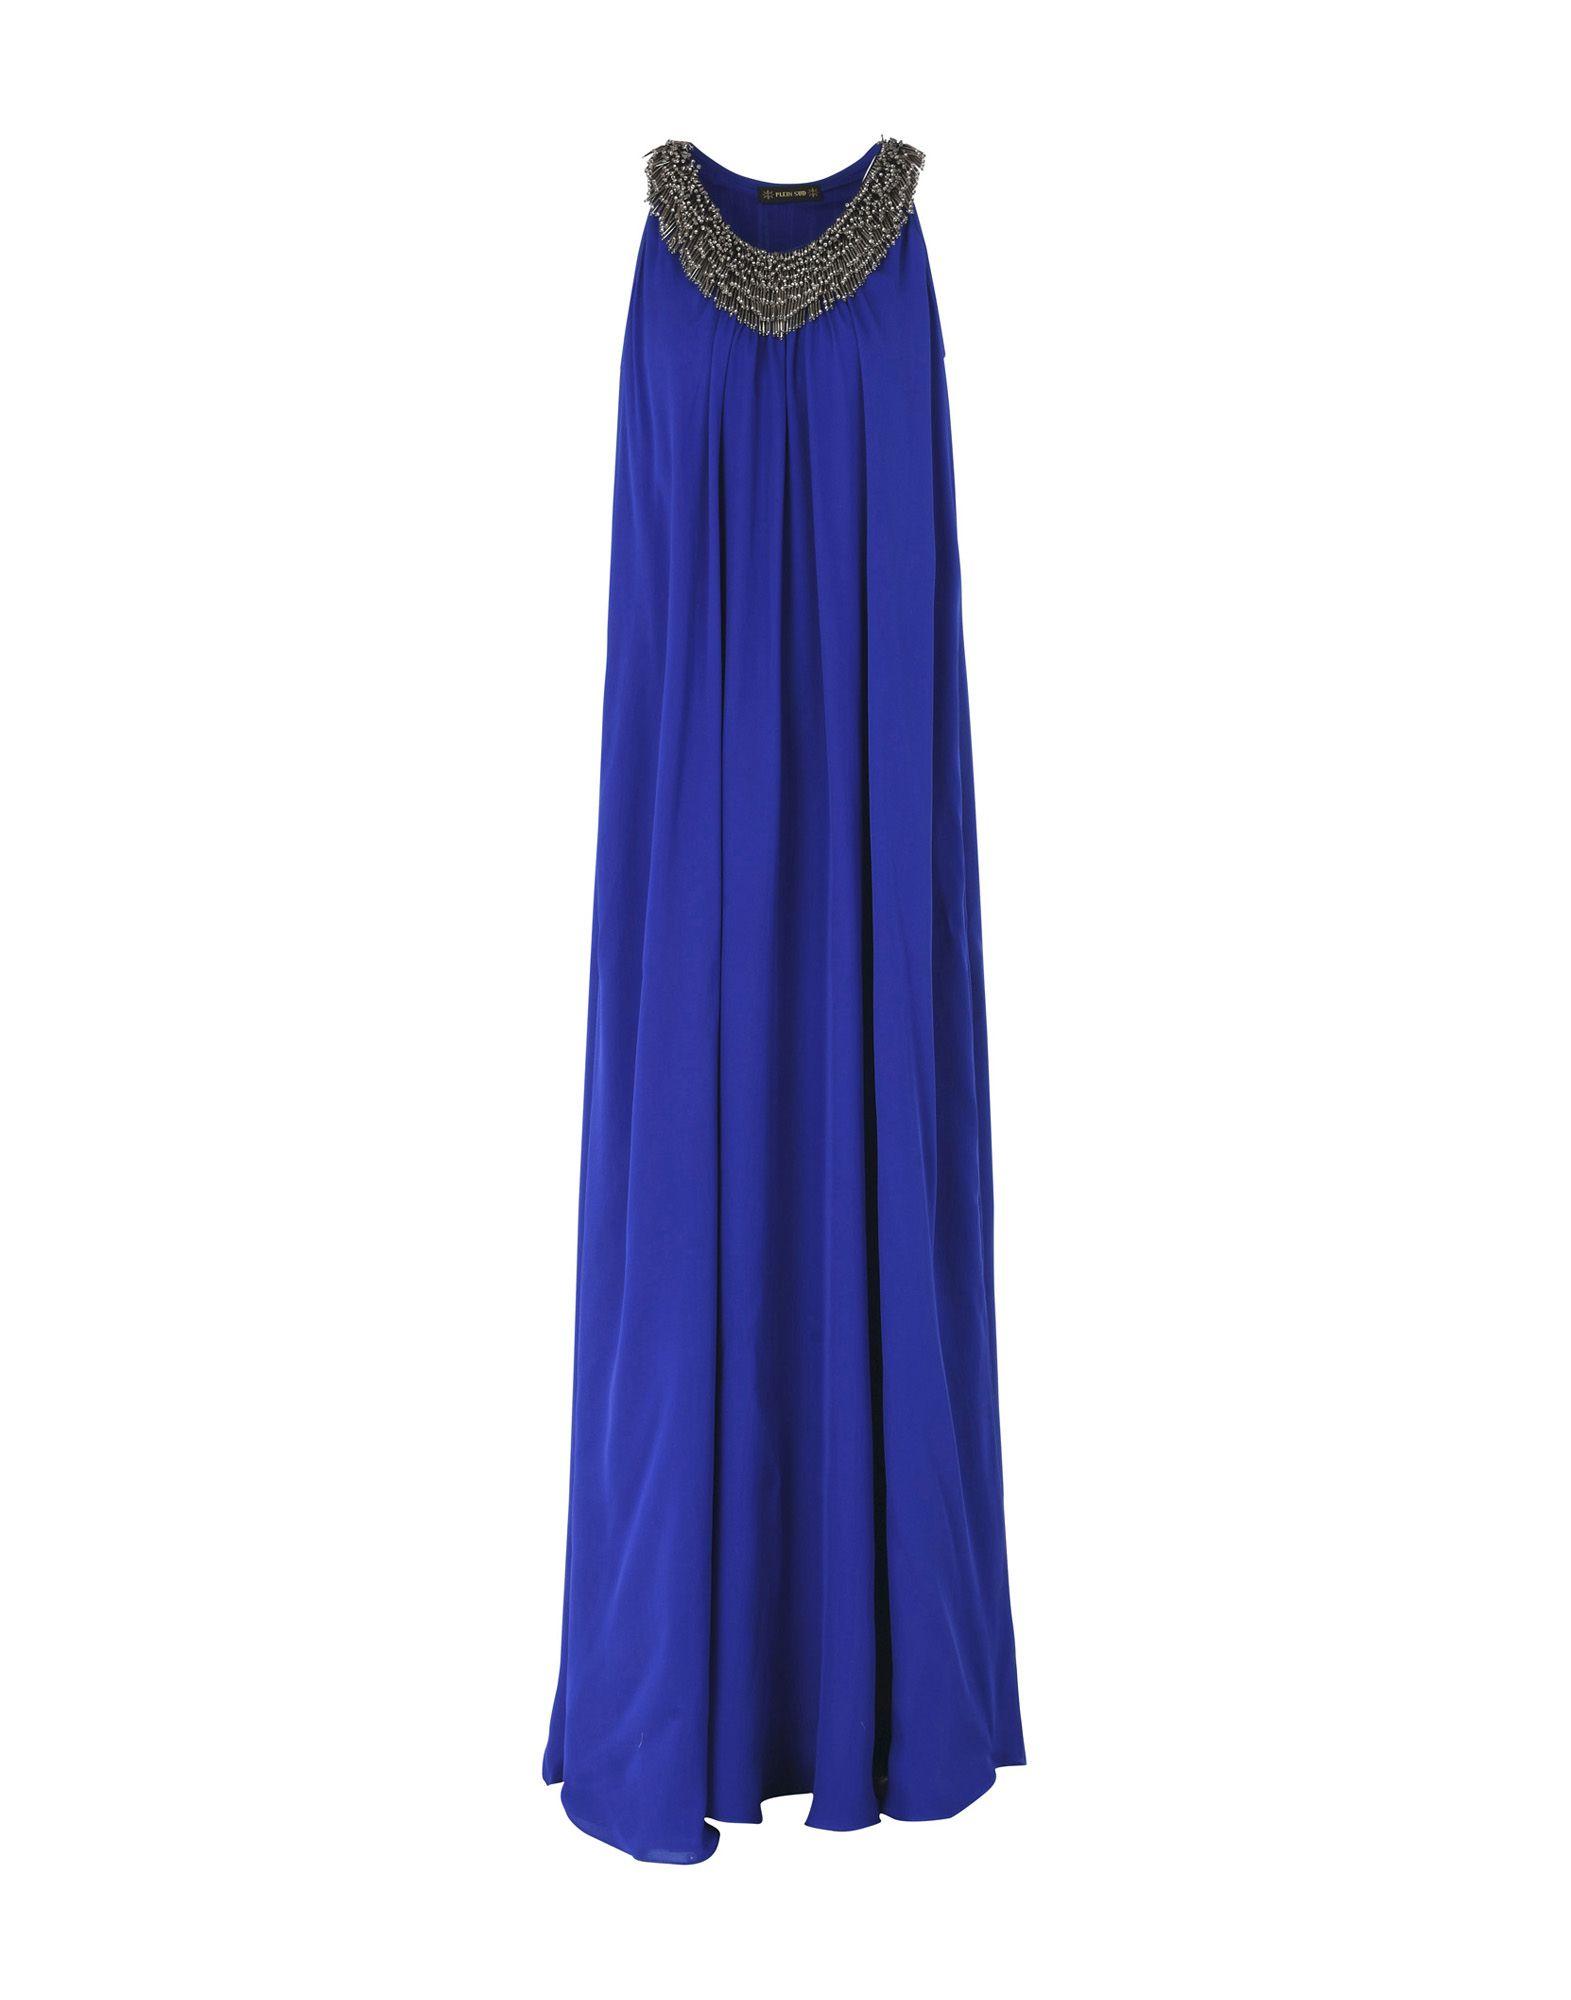 low priced 92d12 1f520 Buy plein sud clothing for women - Best women's plein sud ...